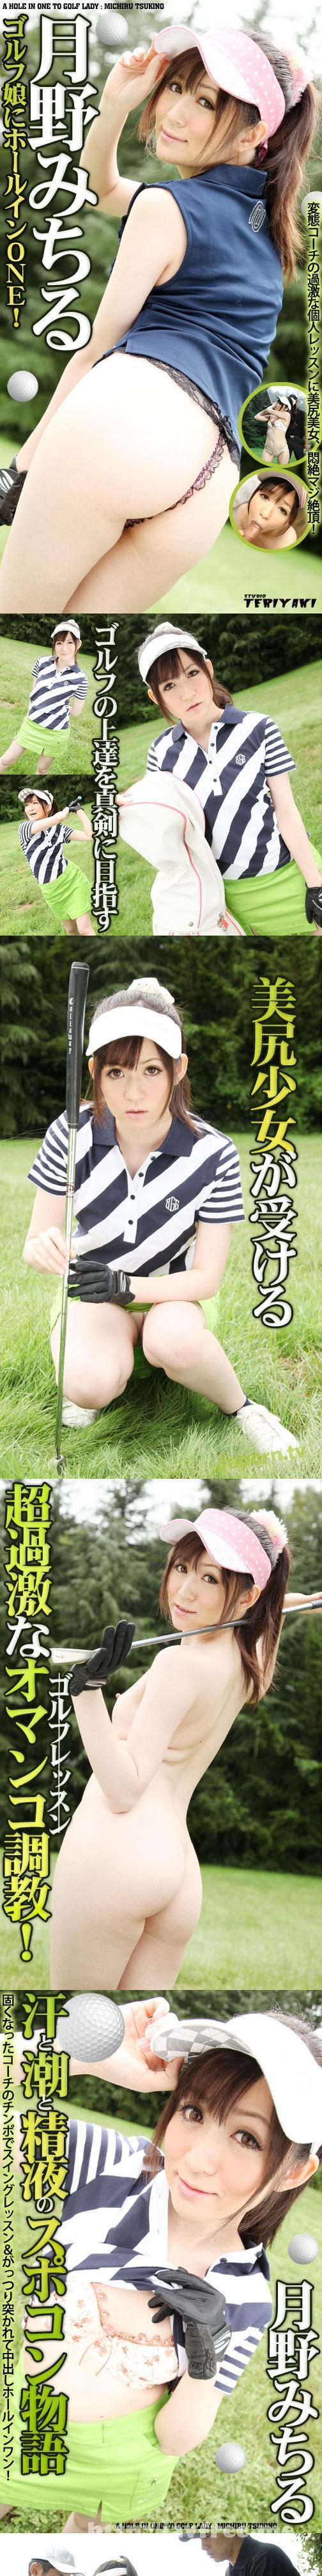 [BT 91] ゴルフ娘にホールインONE : 月野みちる 月野みちる Michiru Tsukino BT